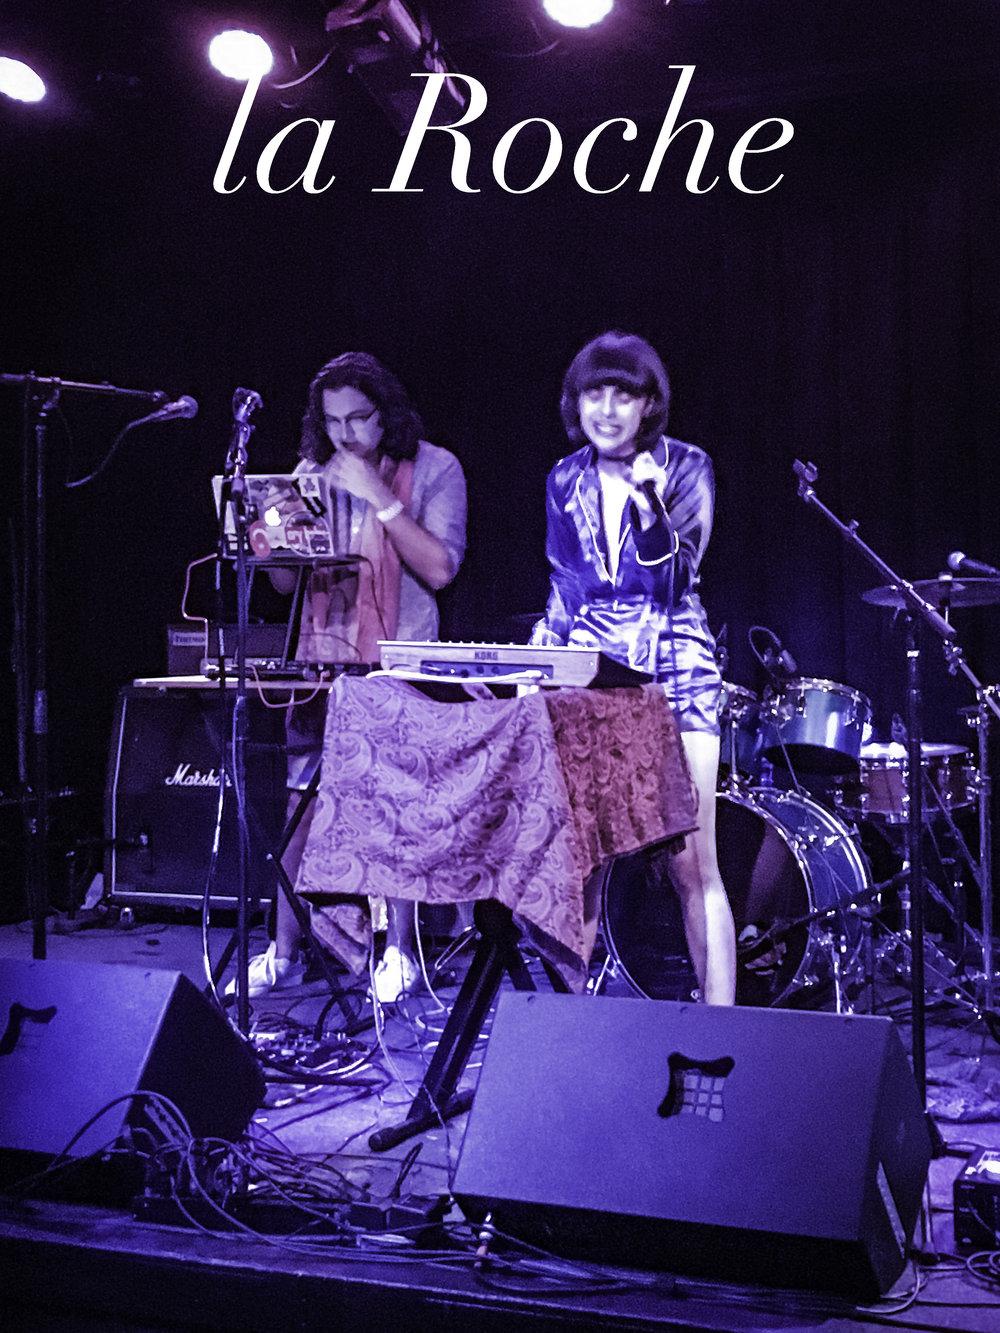 Roche-Sarp_la Roche.jpg